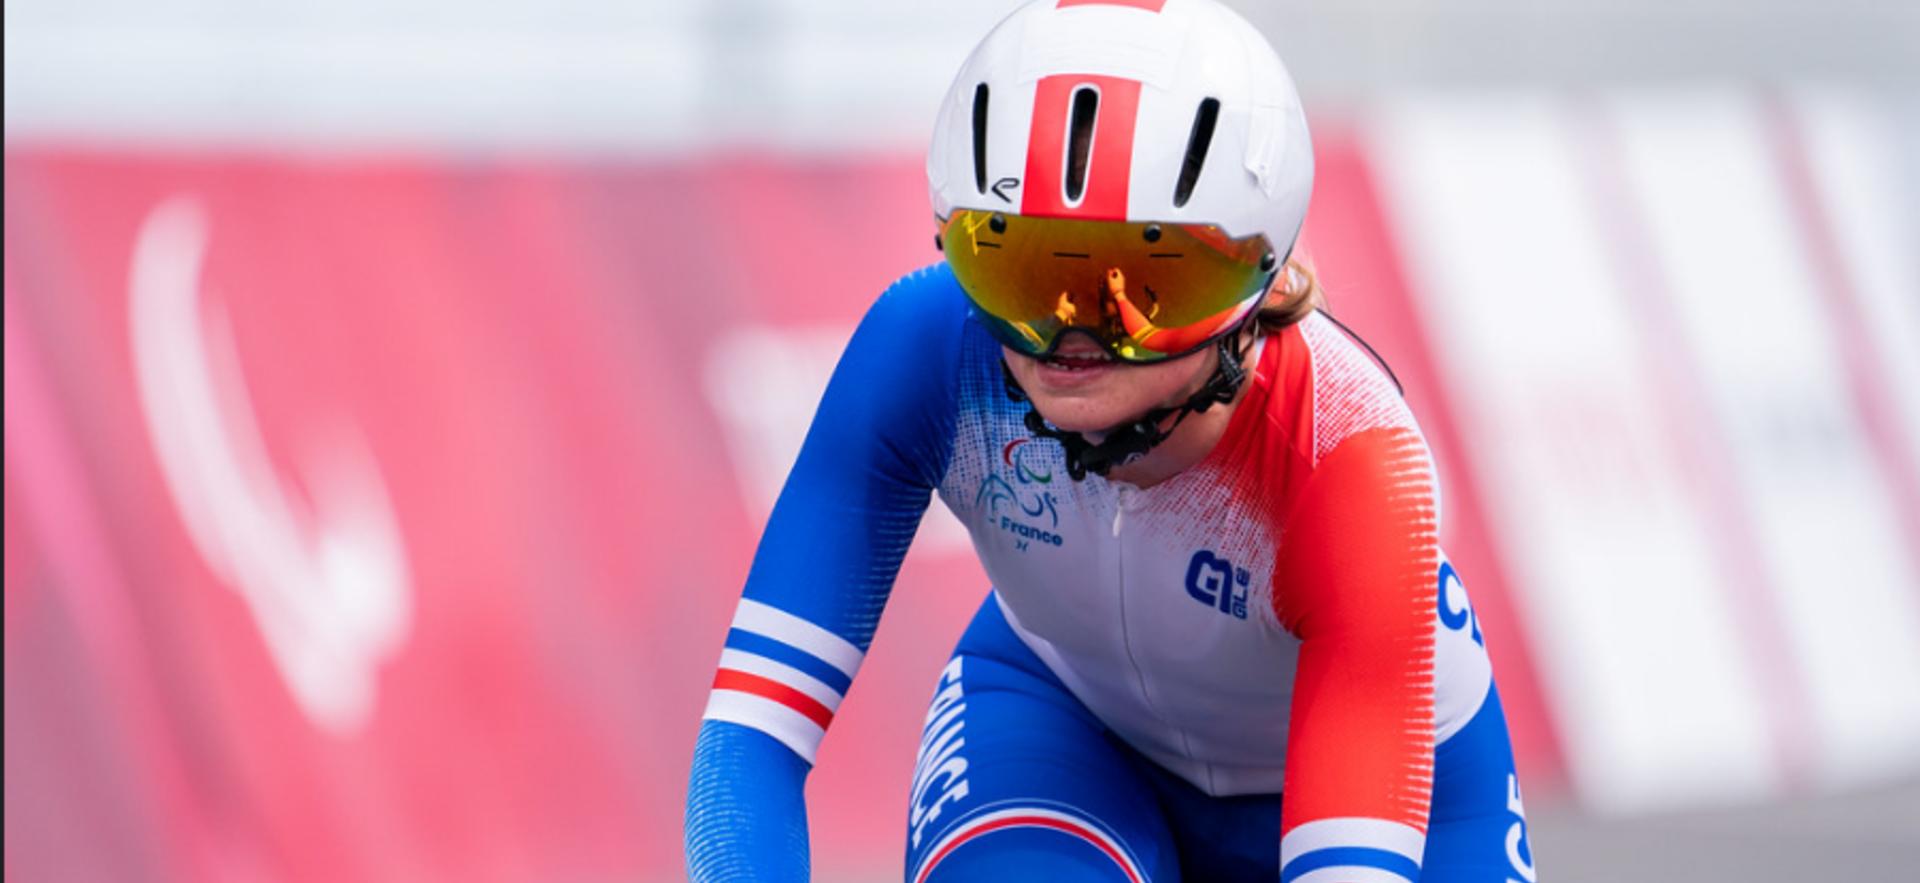 Katell Alençon n'est pas parvenue à monter sur le podium des Jeux paralympiques.